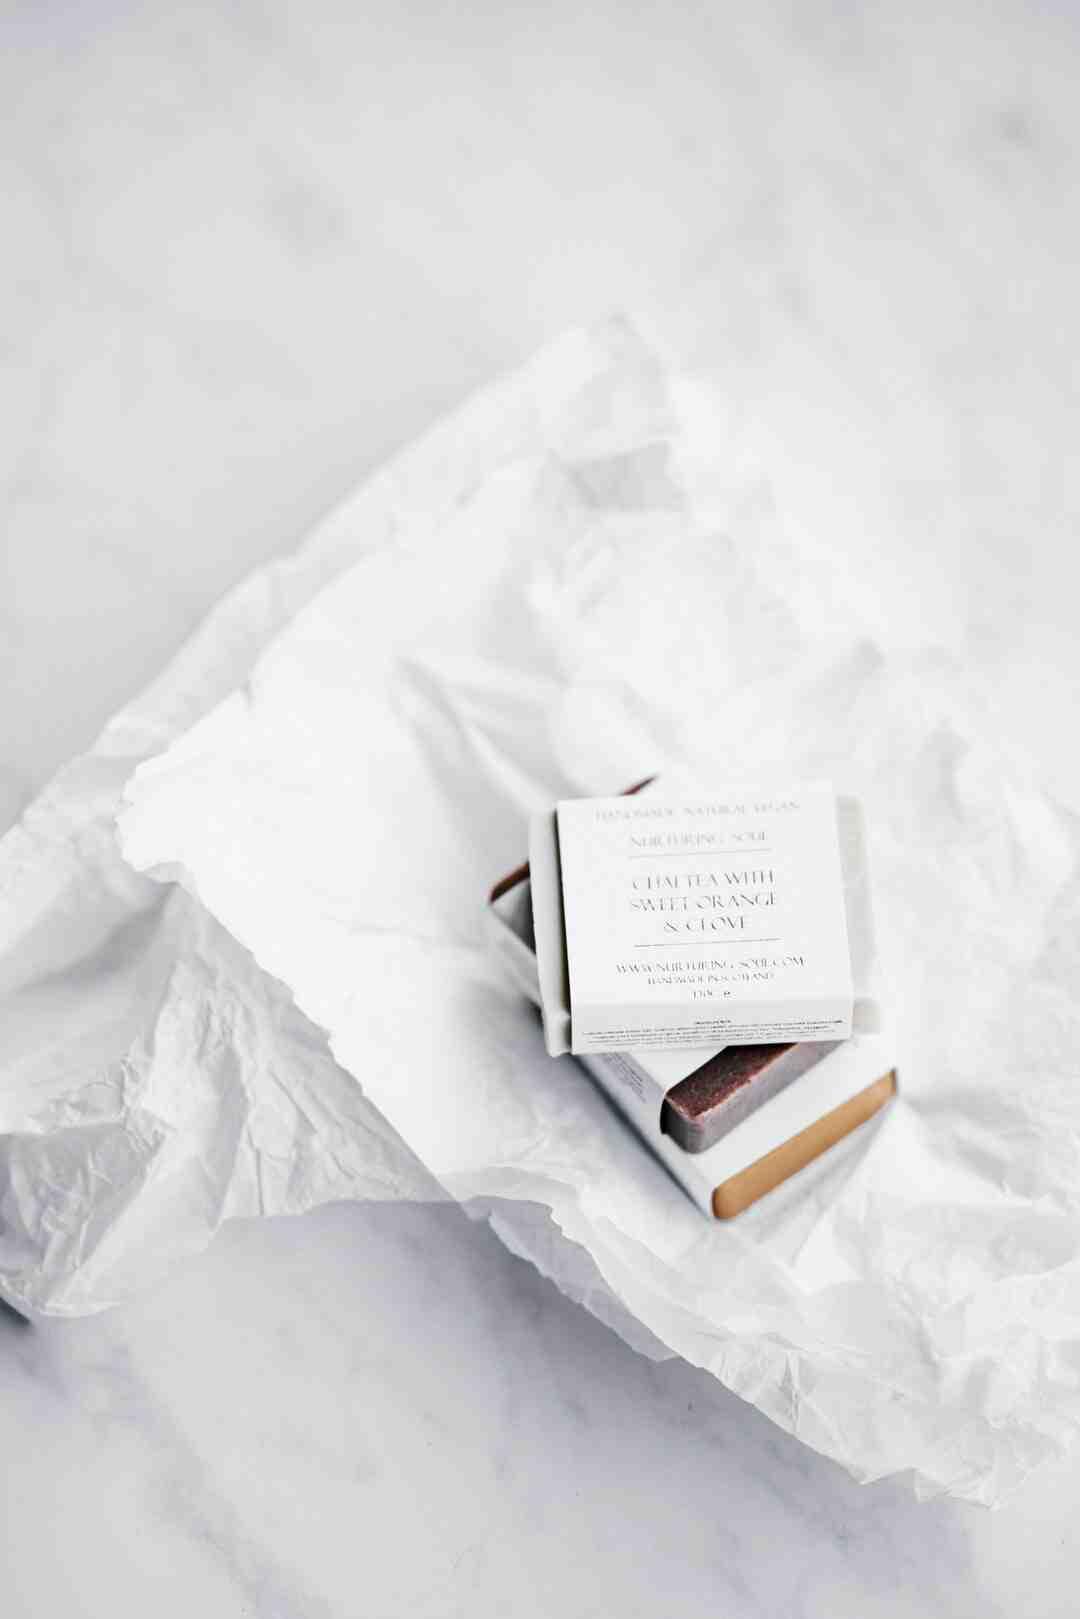 Comment faire du savon maison sans soude caustique ?